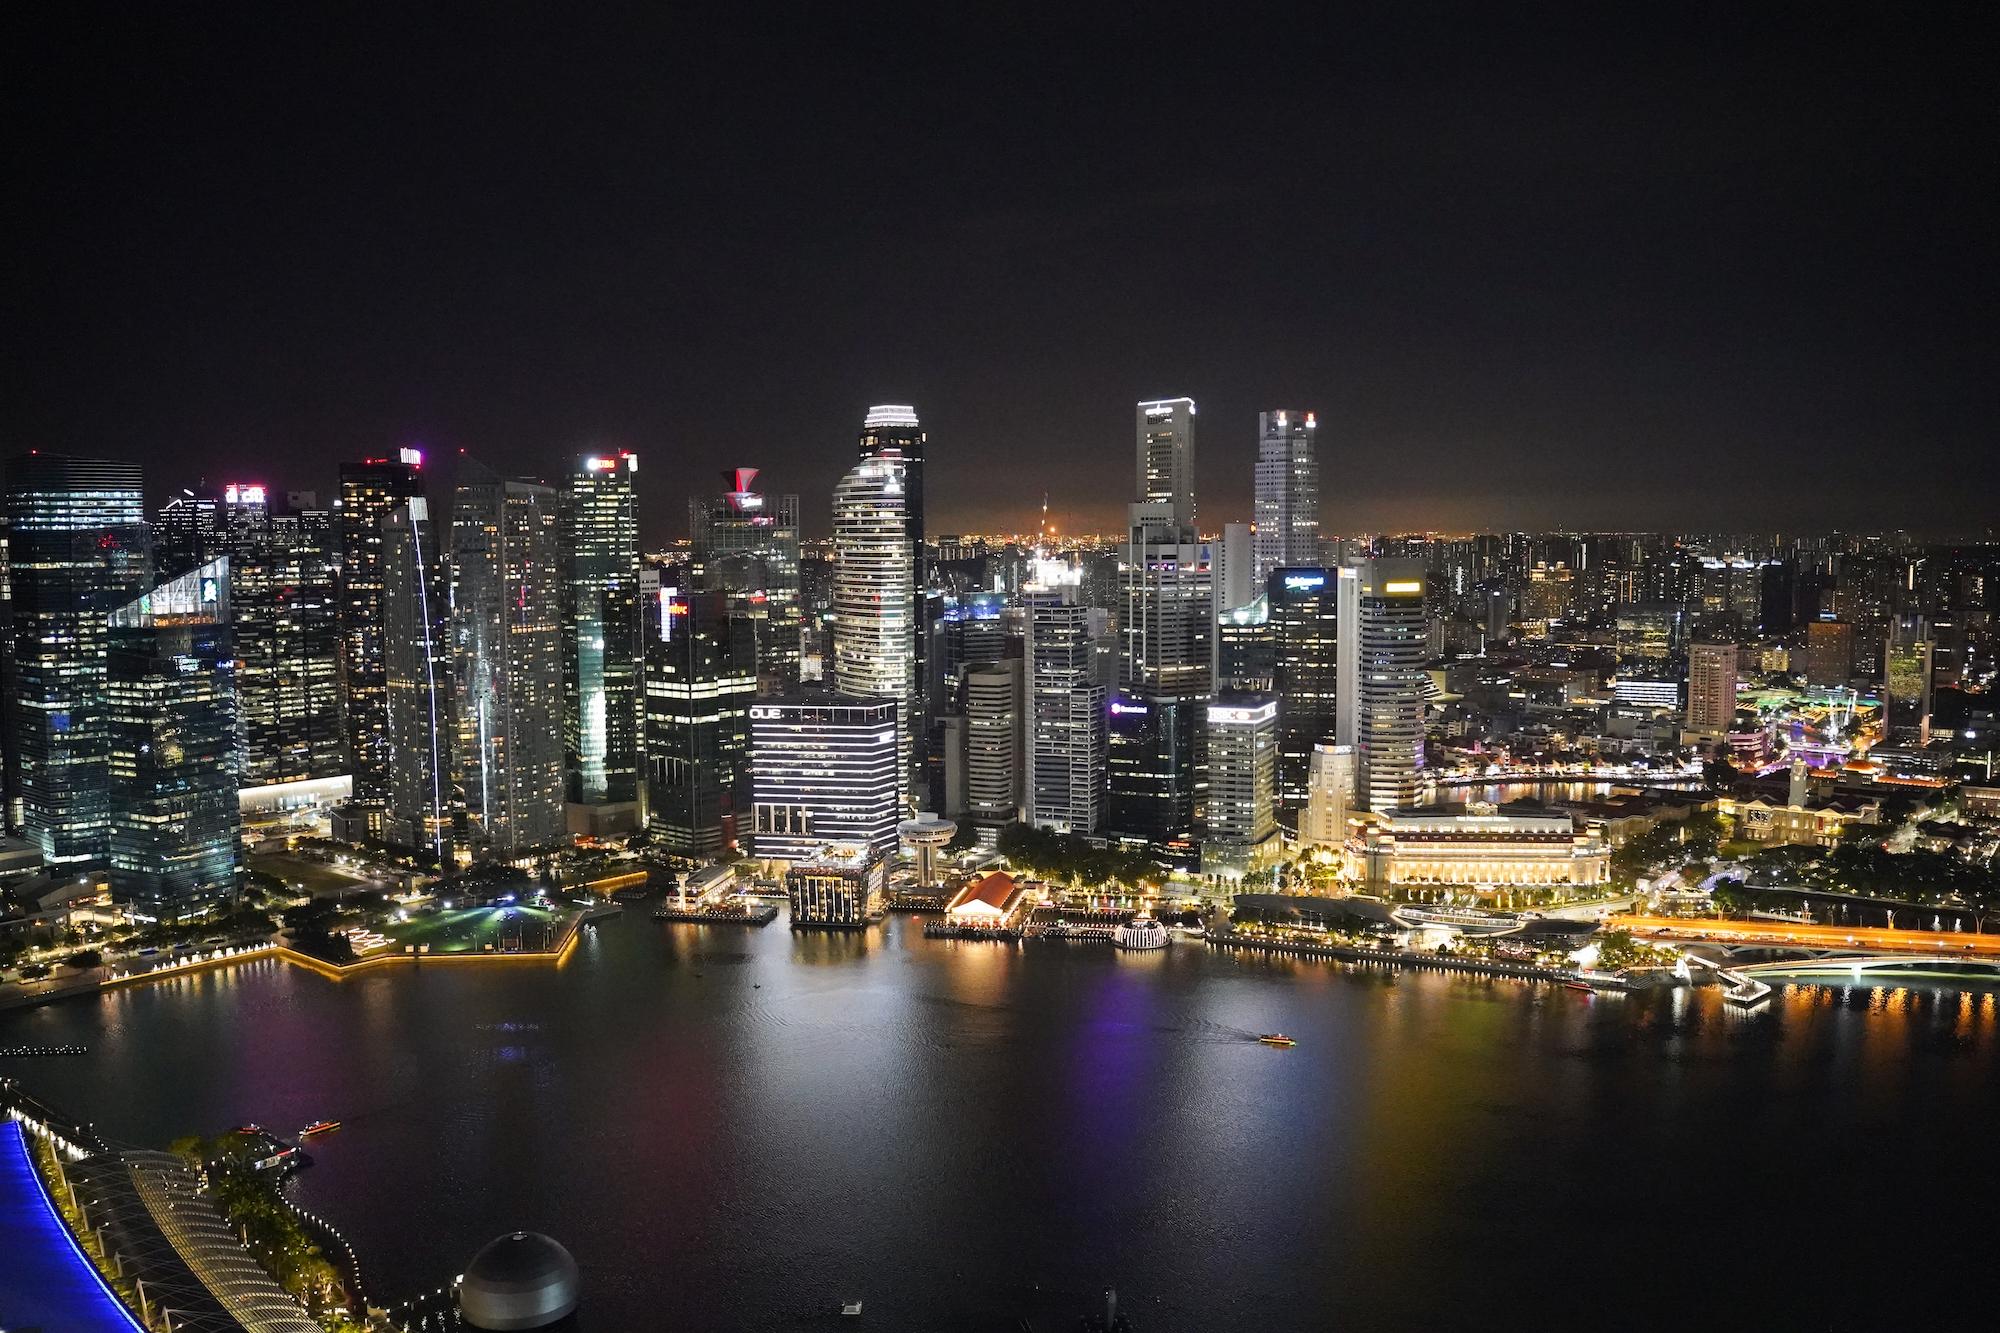 シンガポールのマリーナベイ・サンズの屋上にあるレストラン「セ・ラ・ヴィ」から眺めた夜景/2019年11月29日:撮影:SHUN ONLINE